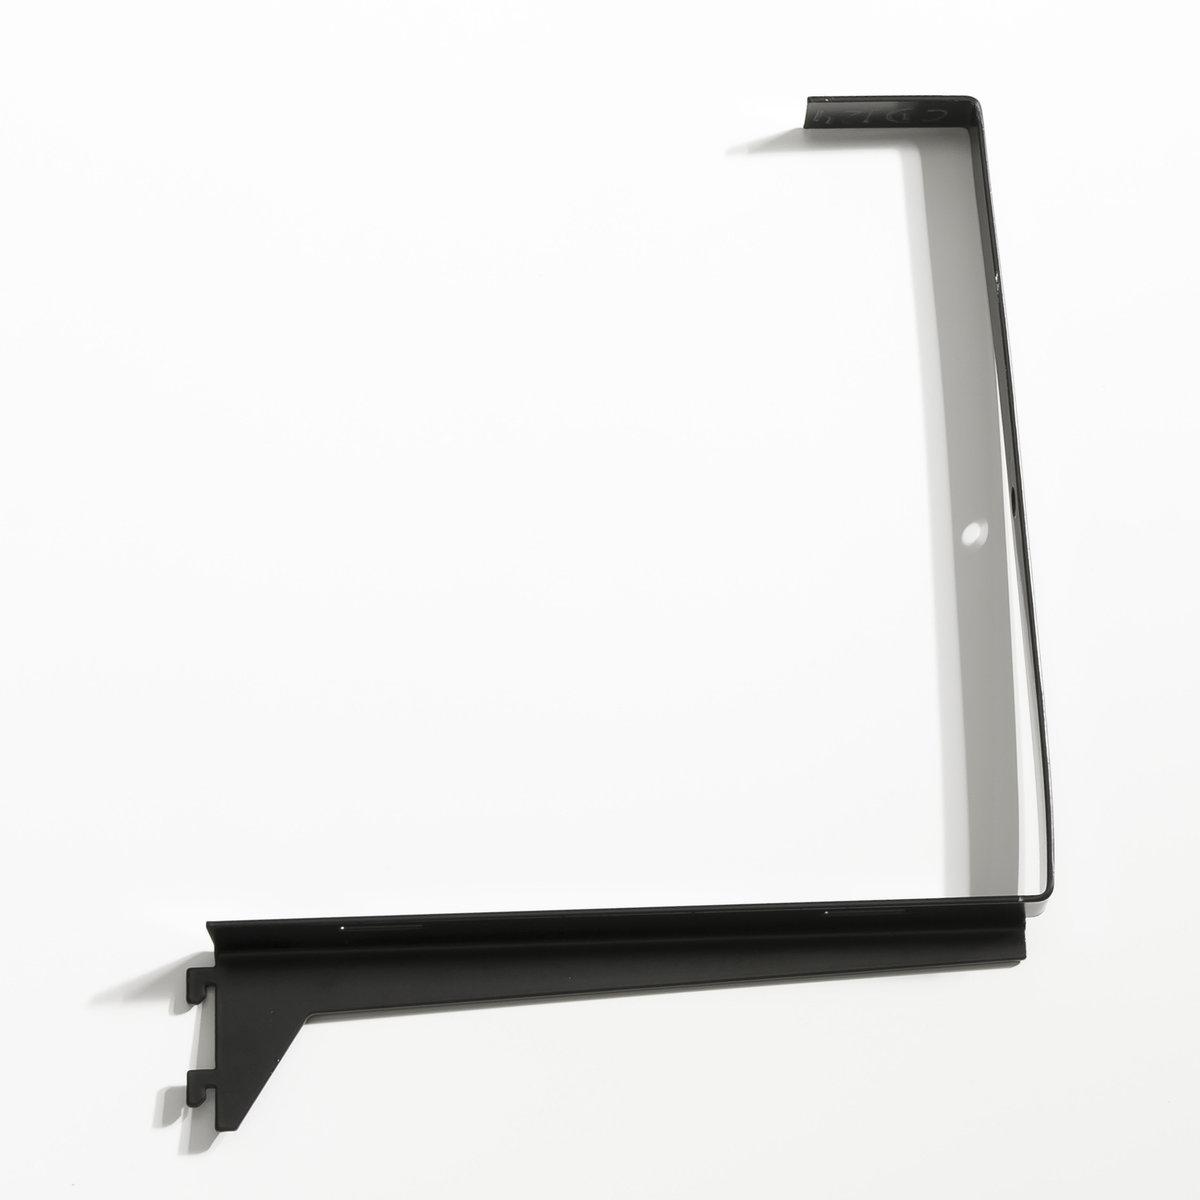 Уголковый кронштейн для ящиков Kyriel (2 шт)Размеры кронштейна : Длина 22,1 x Ширина 27,9 x толщина 2,5 см .    Мебель для гардеробной Kyriel - это модулируемая при желании система, эстетичная и практичная, созданная для любых пространств и стилей  .<br><br>Цвет: черный